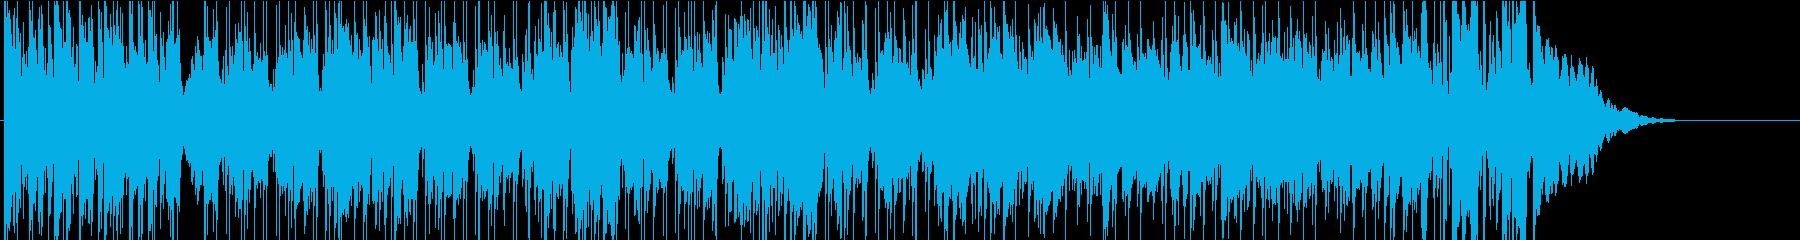 さわやか 情報 ドライブ 天気予報 店内の再生済みの波形